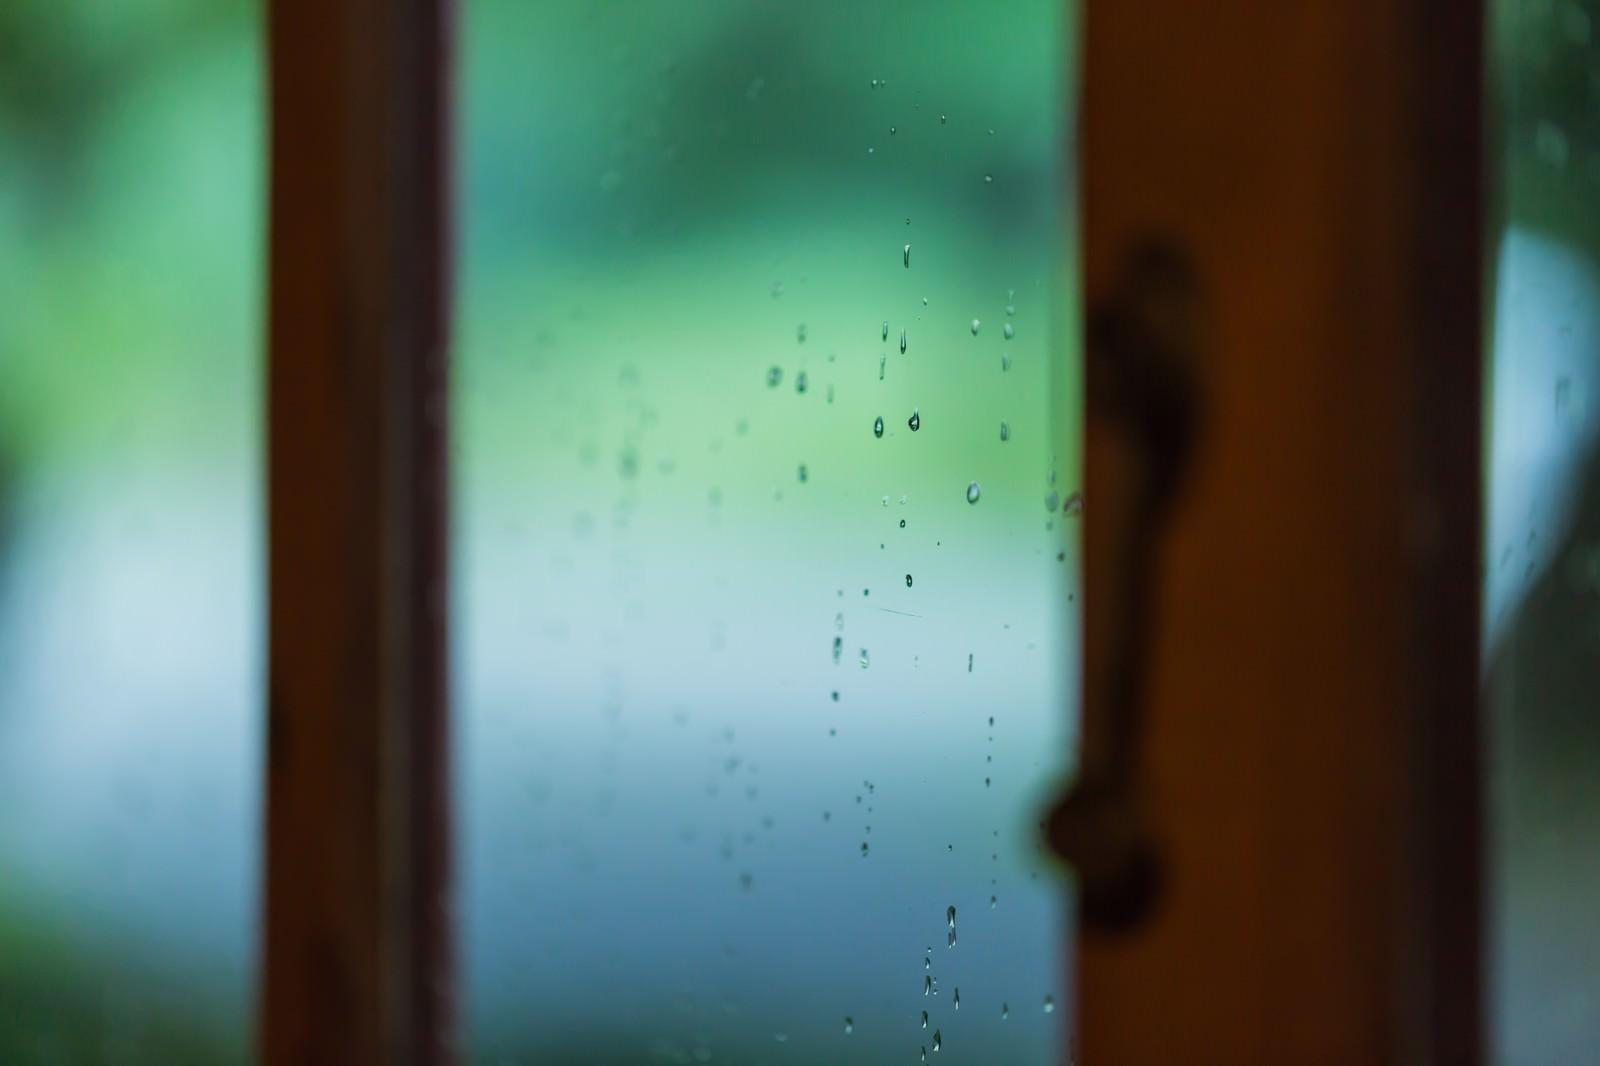 「ガラス窓についた水滴 | 写真の無料素材・フリー素材 - ぱくたそ」の写真